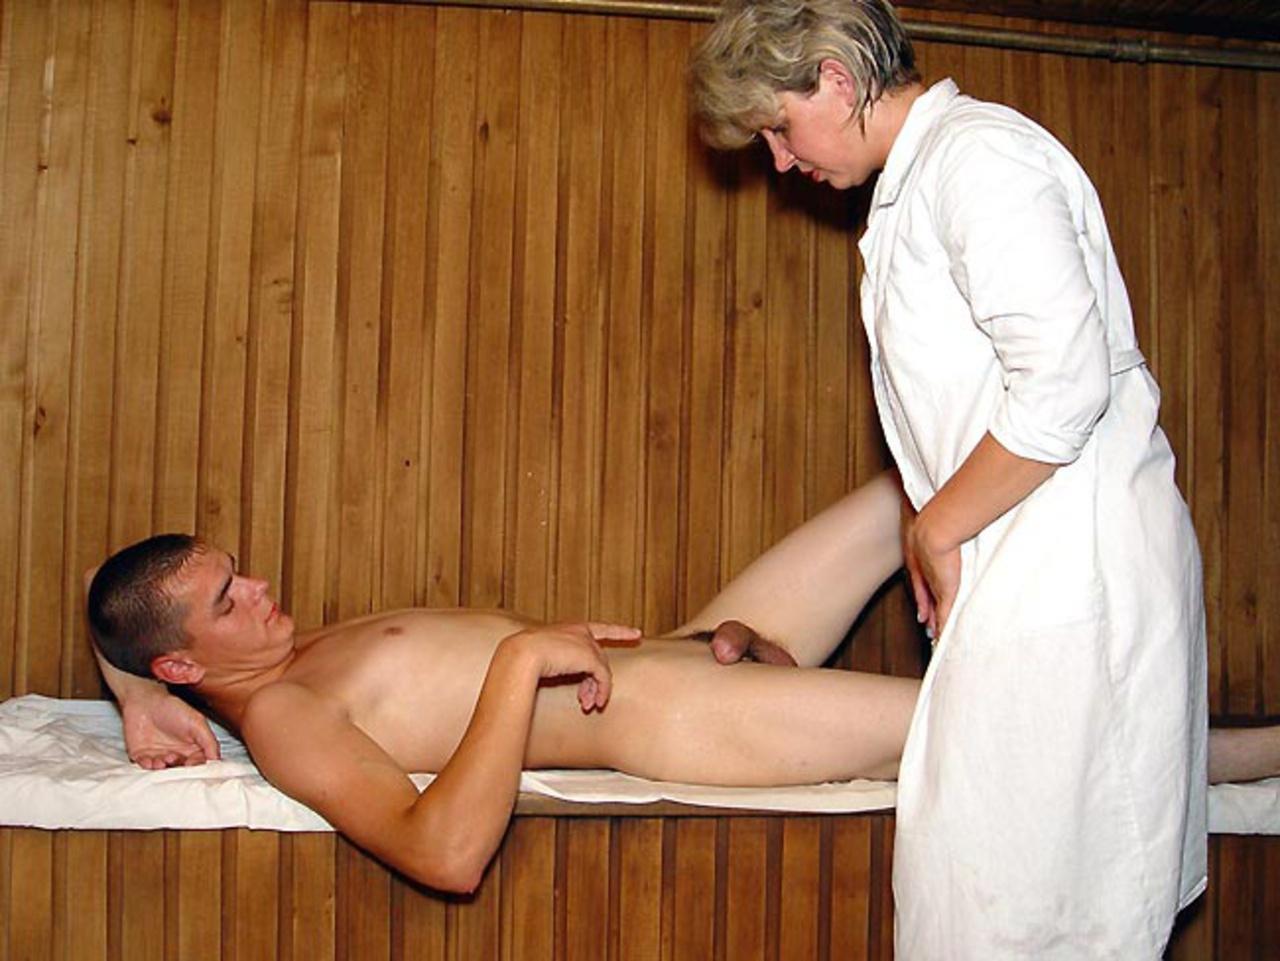 Это очевидно. зрелые русские женщины порно массаж правда креатив...супер!